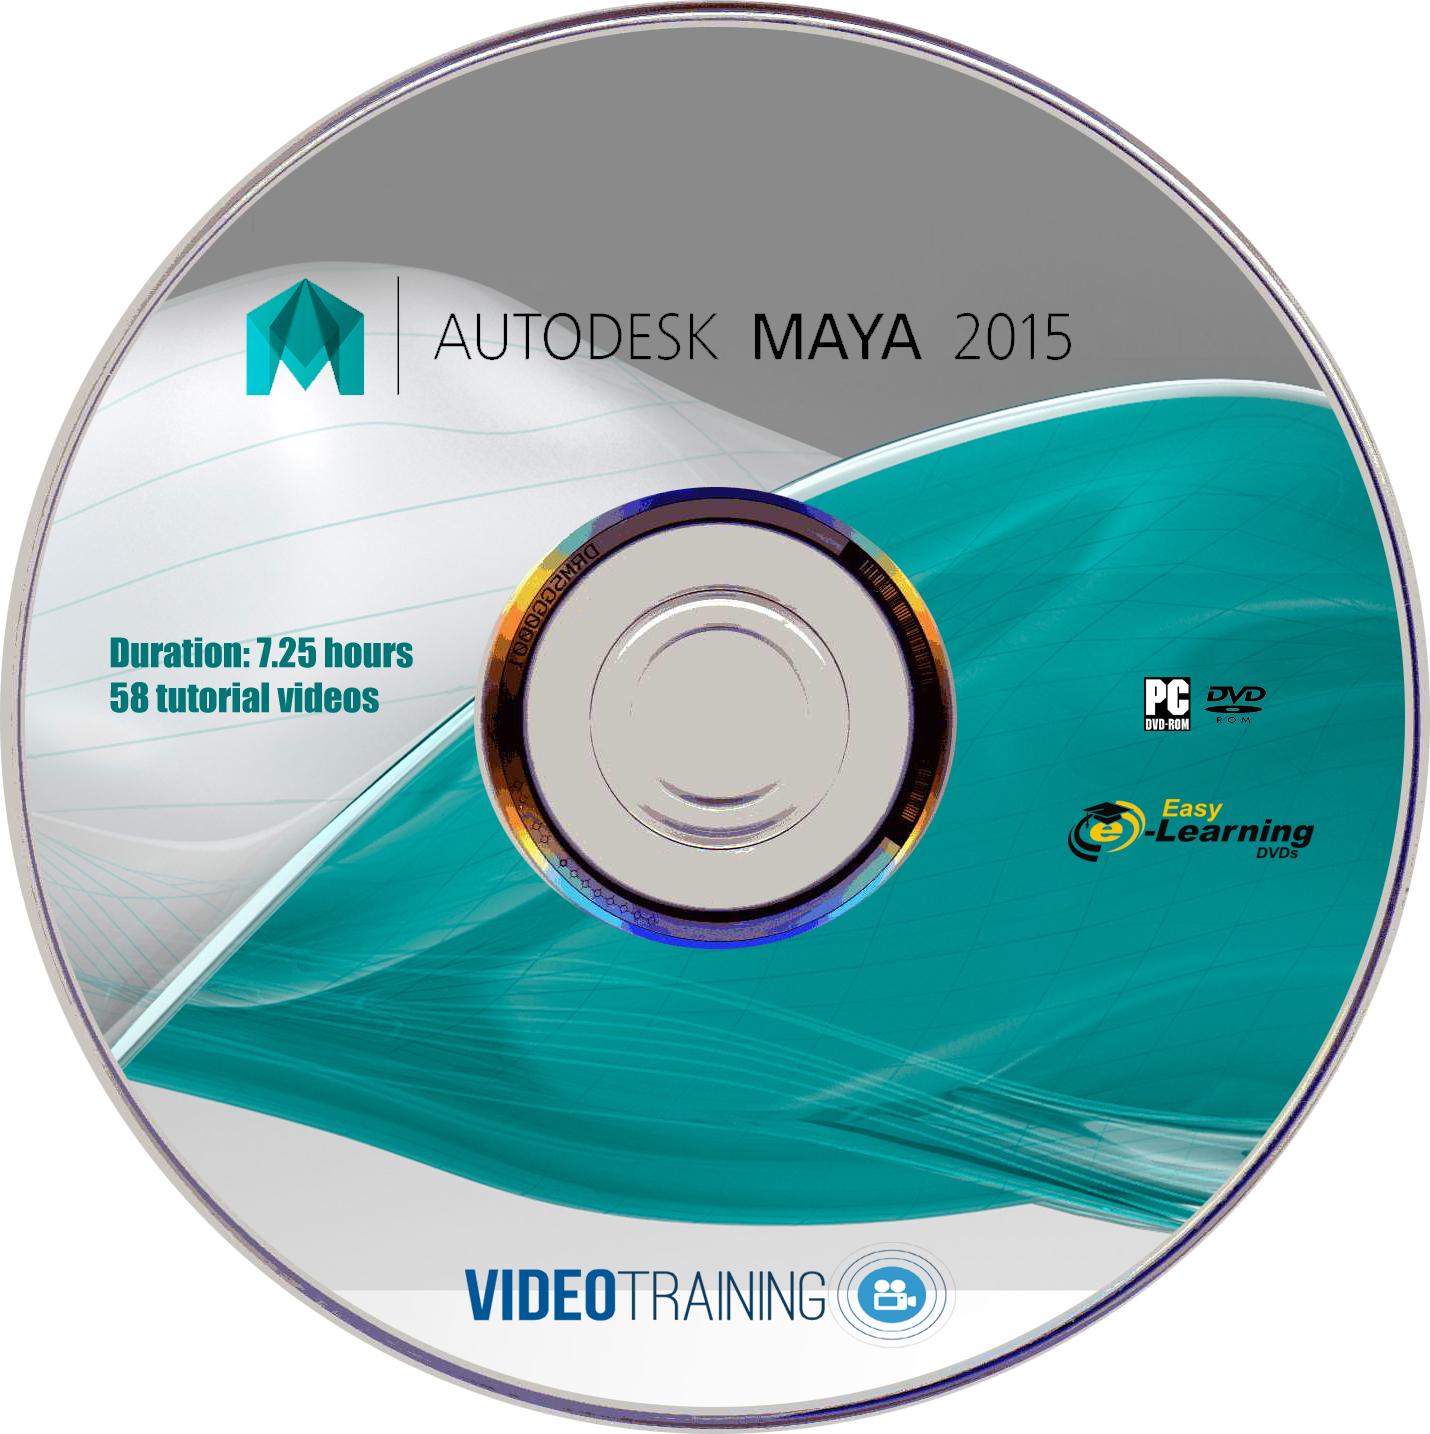 Autodesk maya cheap autodesk maya software for sale